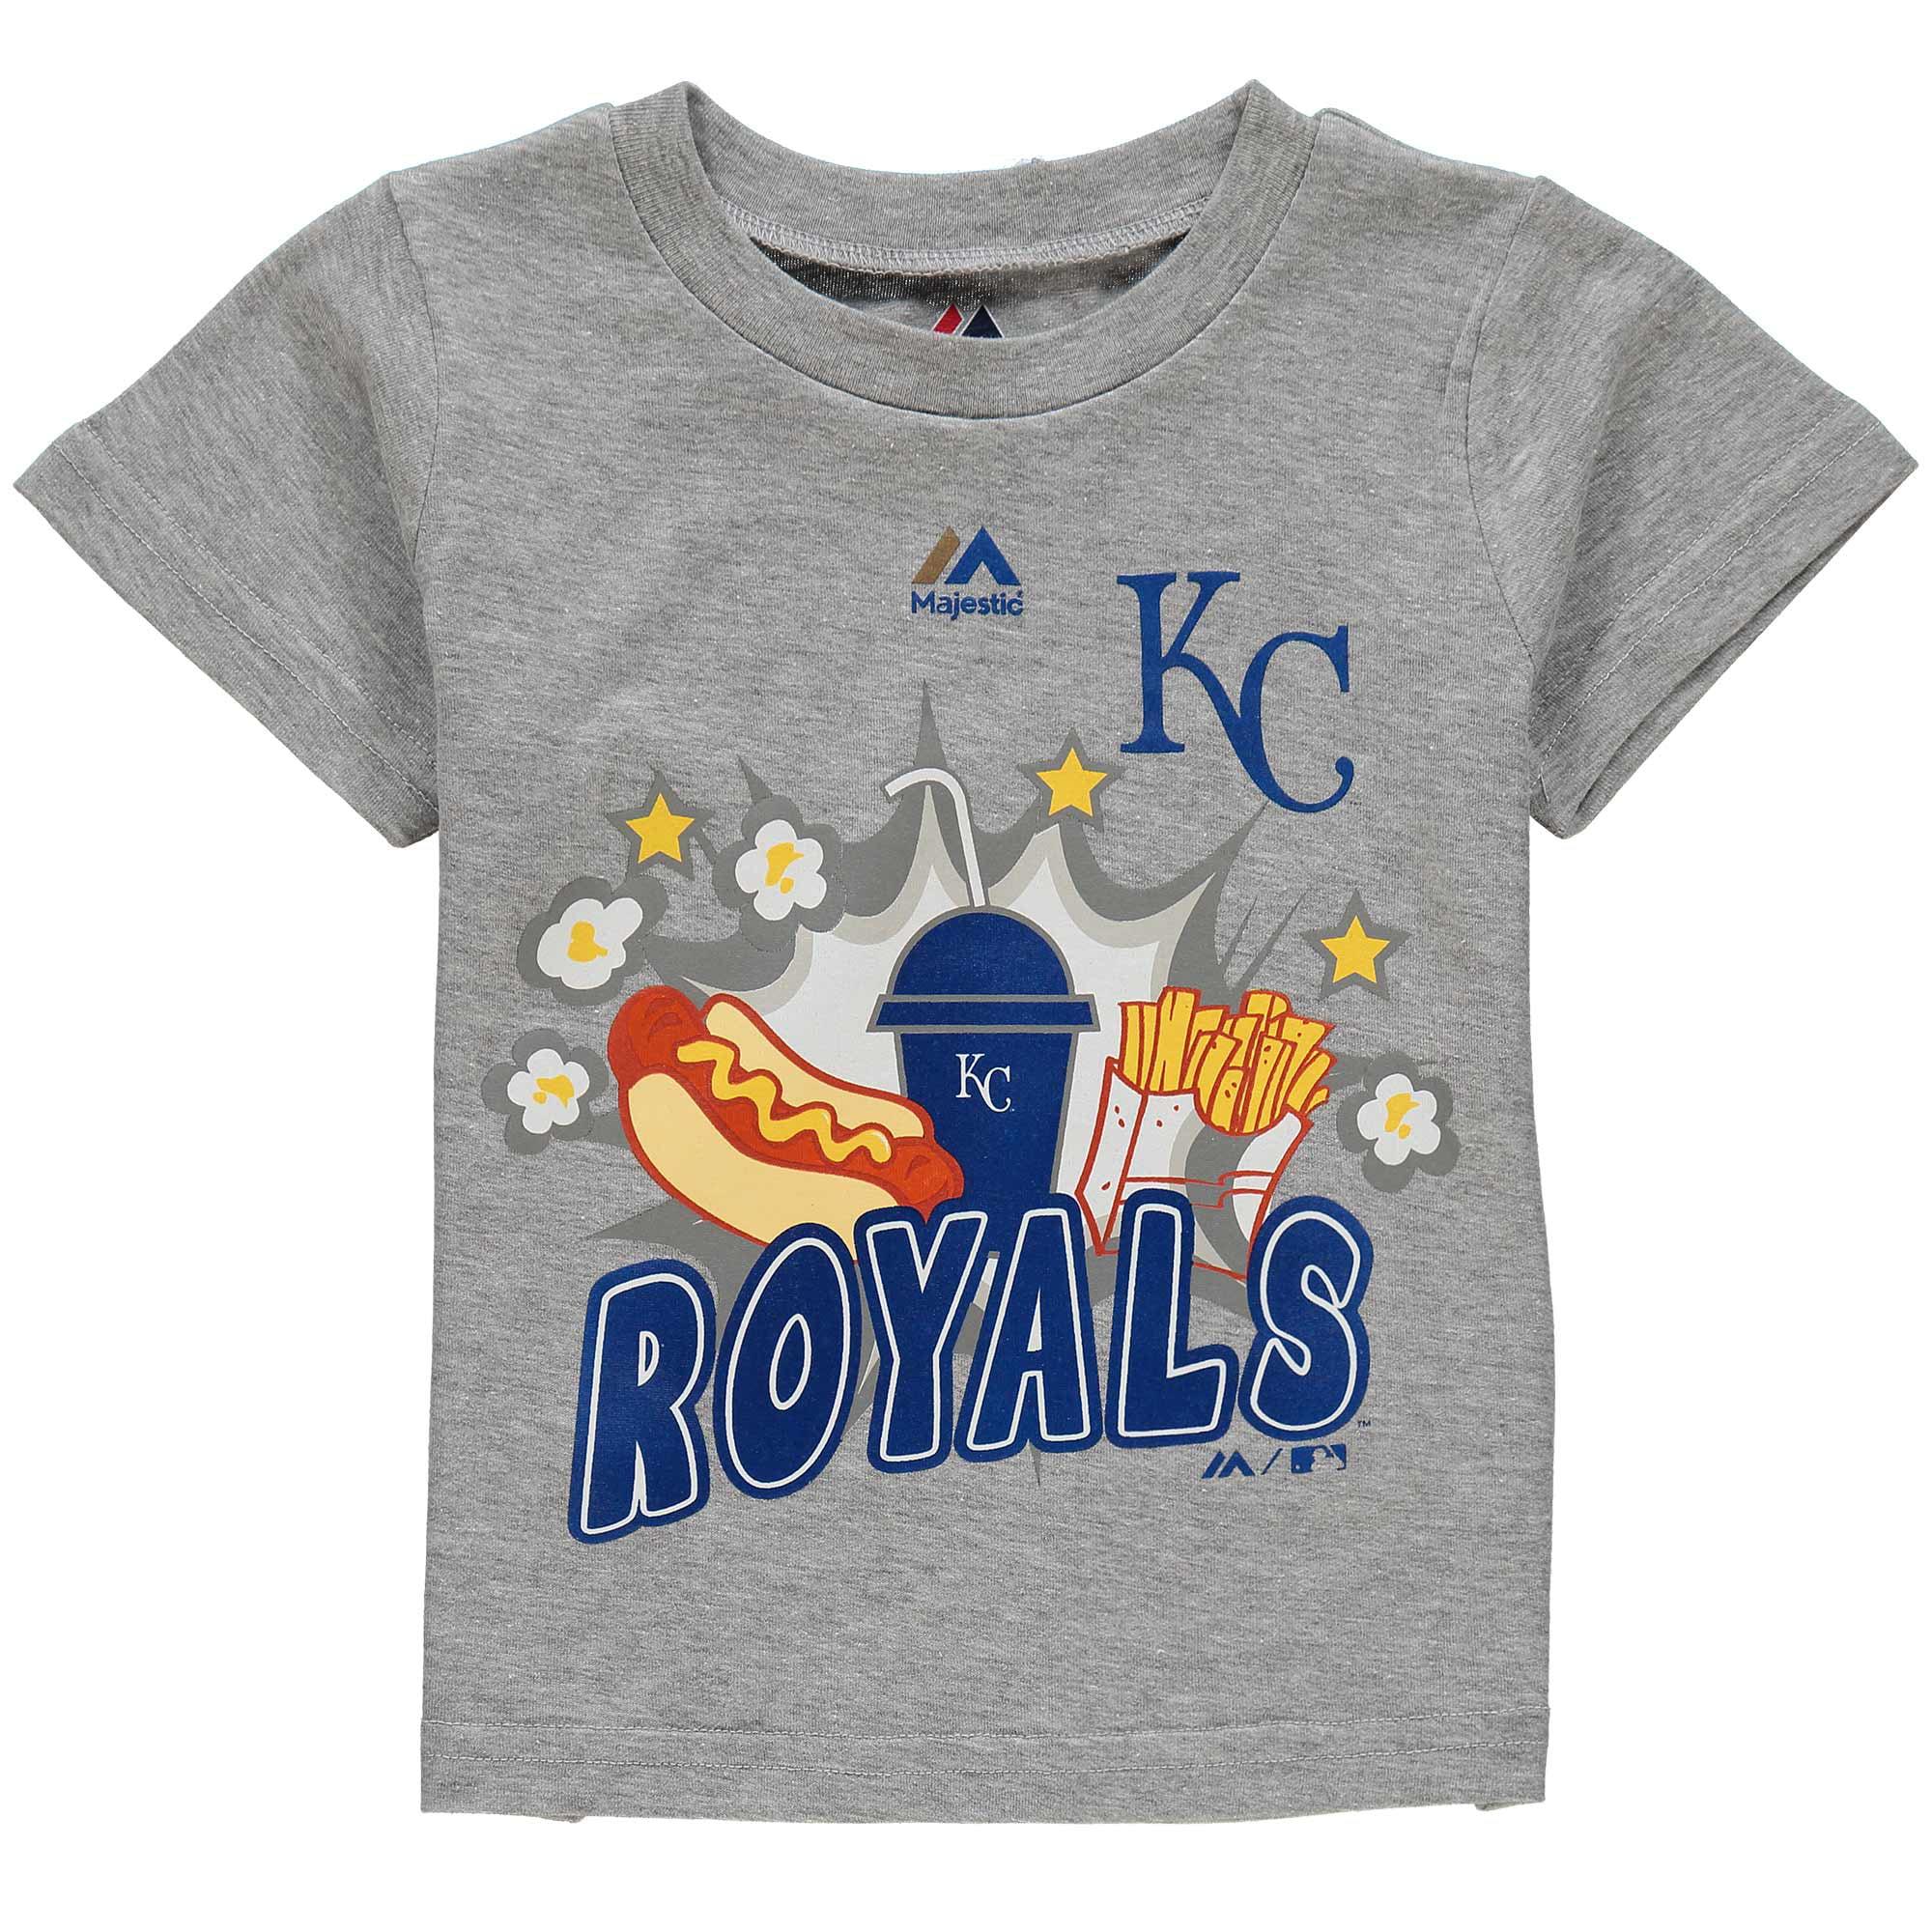 8b1653f1650 kc royals toddler clothes | Coupon code